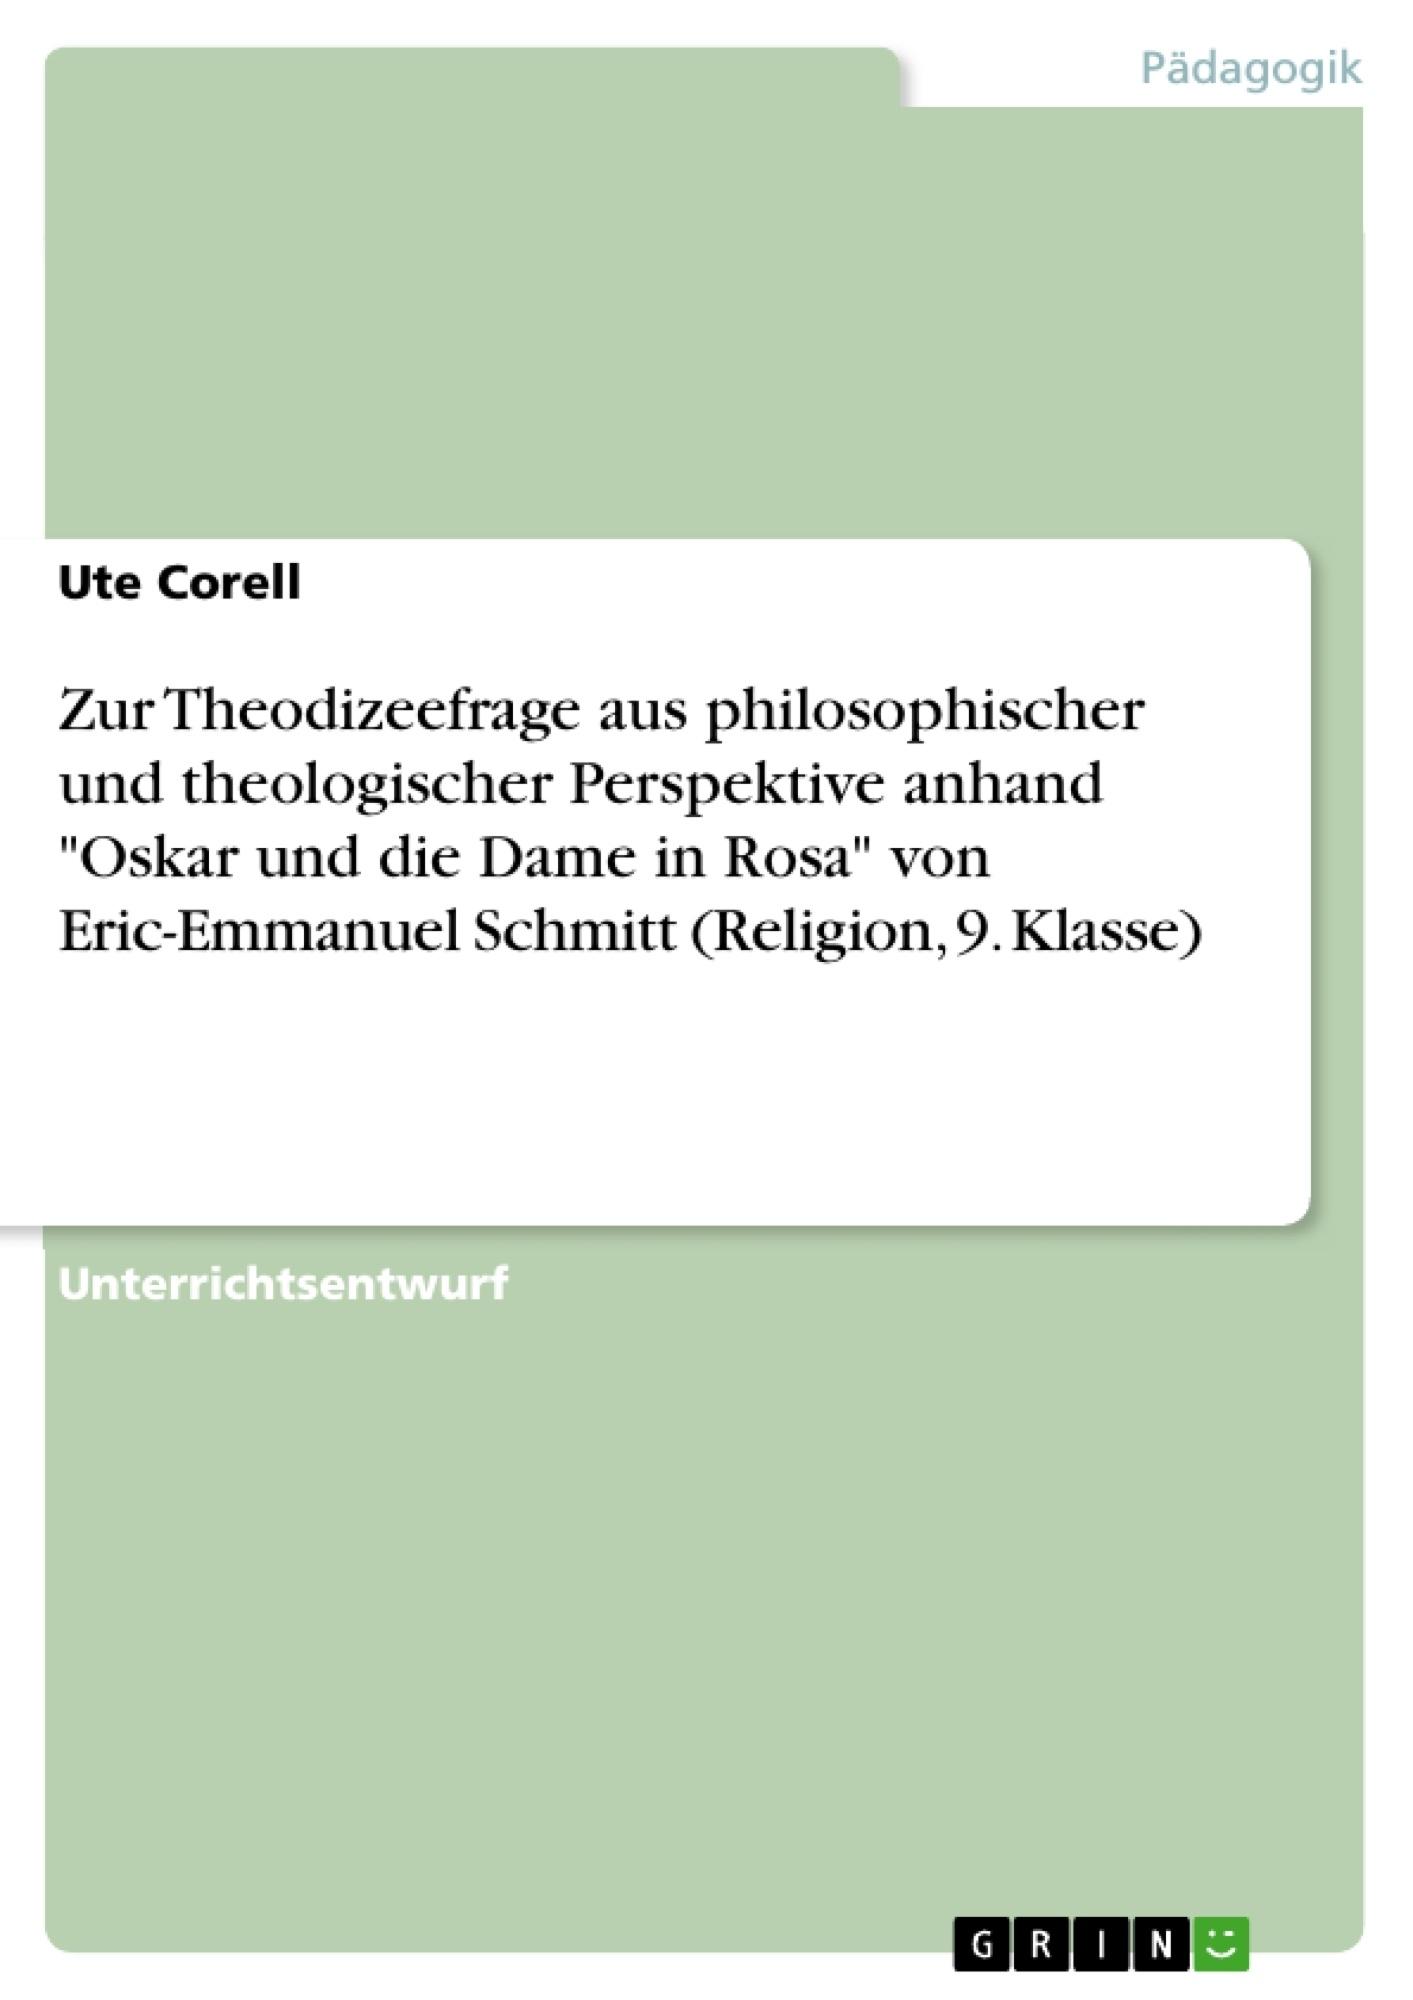 """Titel: Zur Theodizeefrage aus philosophischer und theologischer Perspektive anhand """"Oskar und die Dame in Rosa"""" von Eric-Emmanuel Schmitt (Religion, 9. Klasse)"""